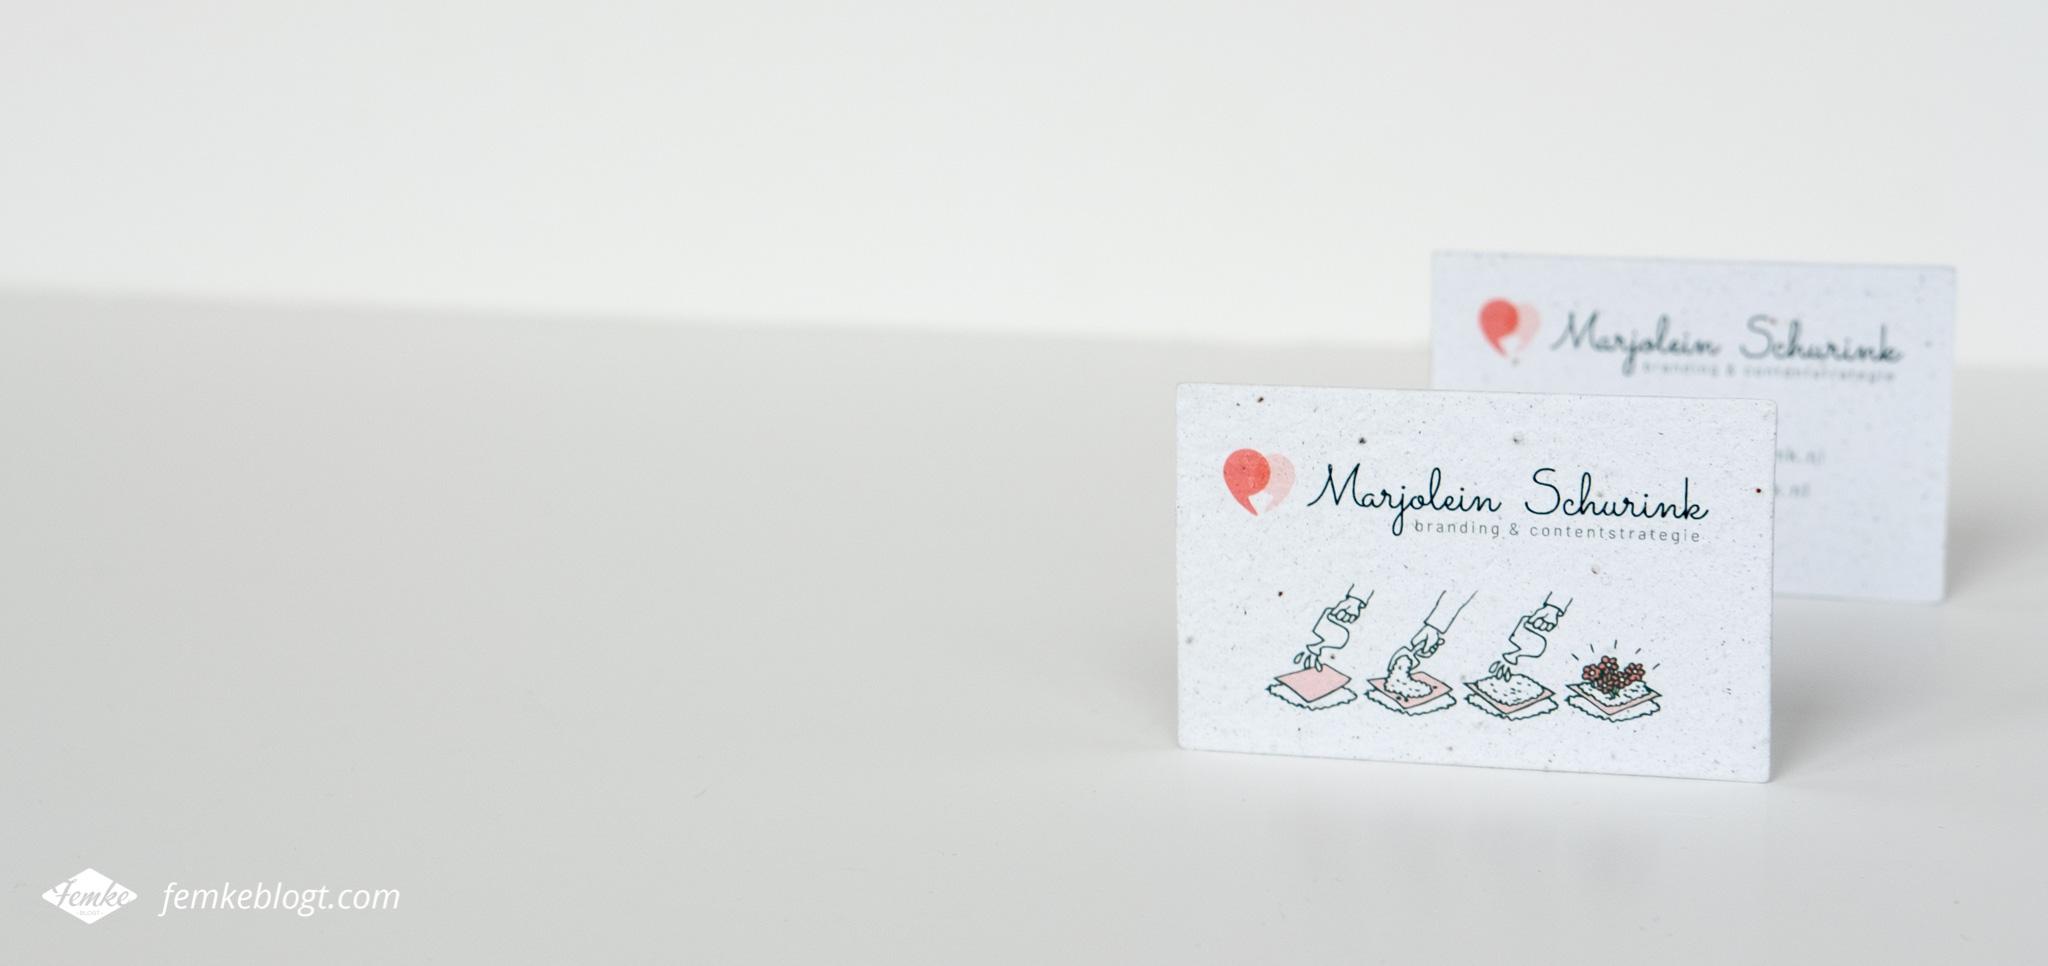 Logo & huisstijl ontwerp | Marjolein Schurink